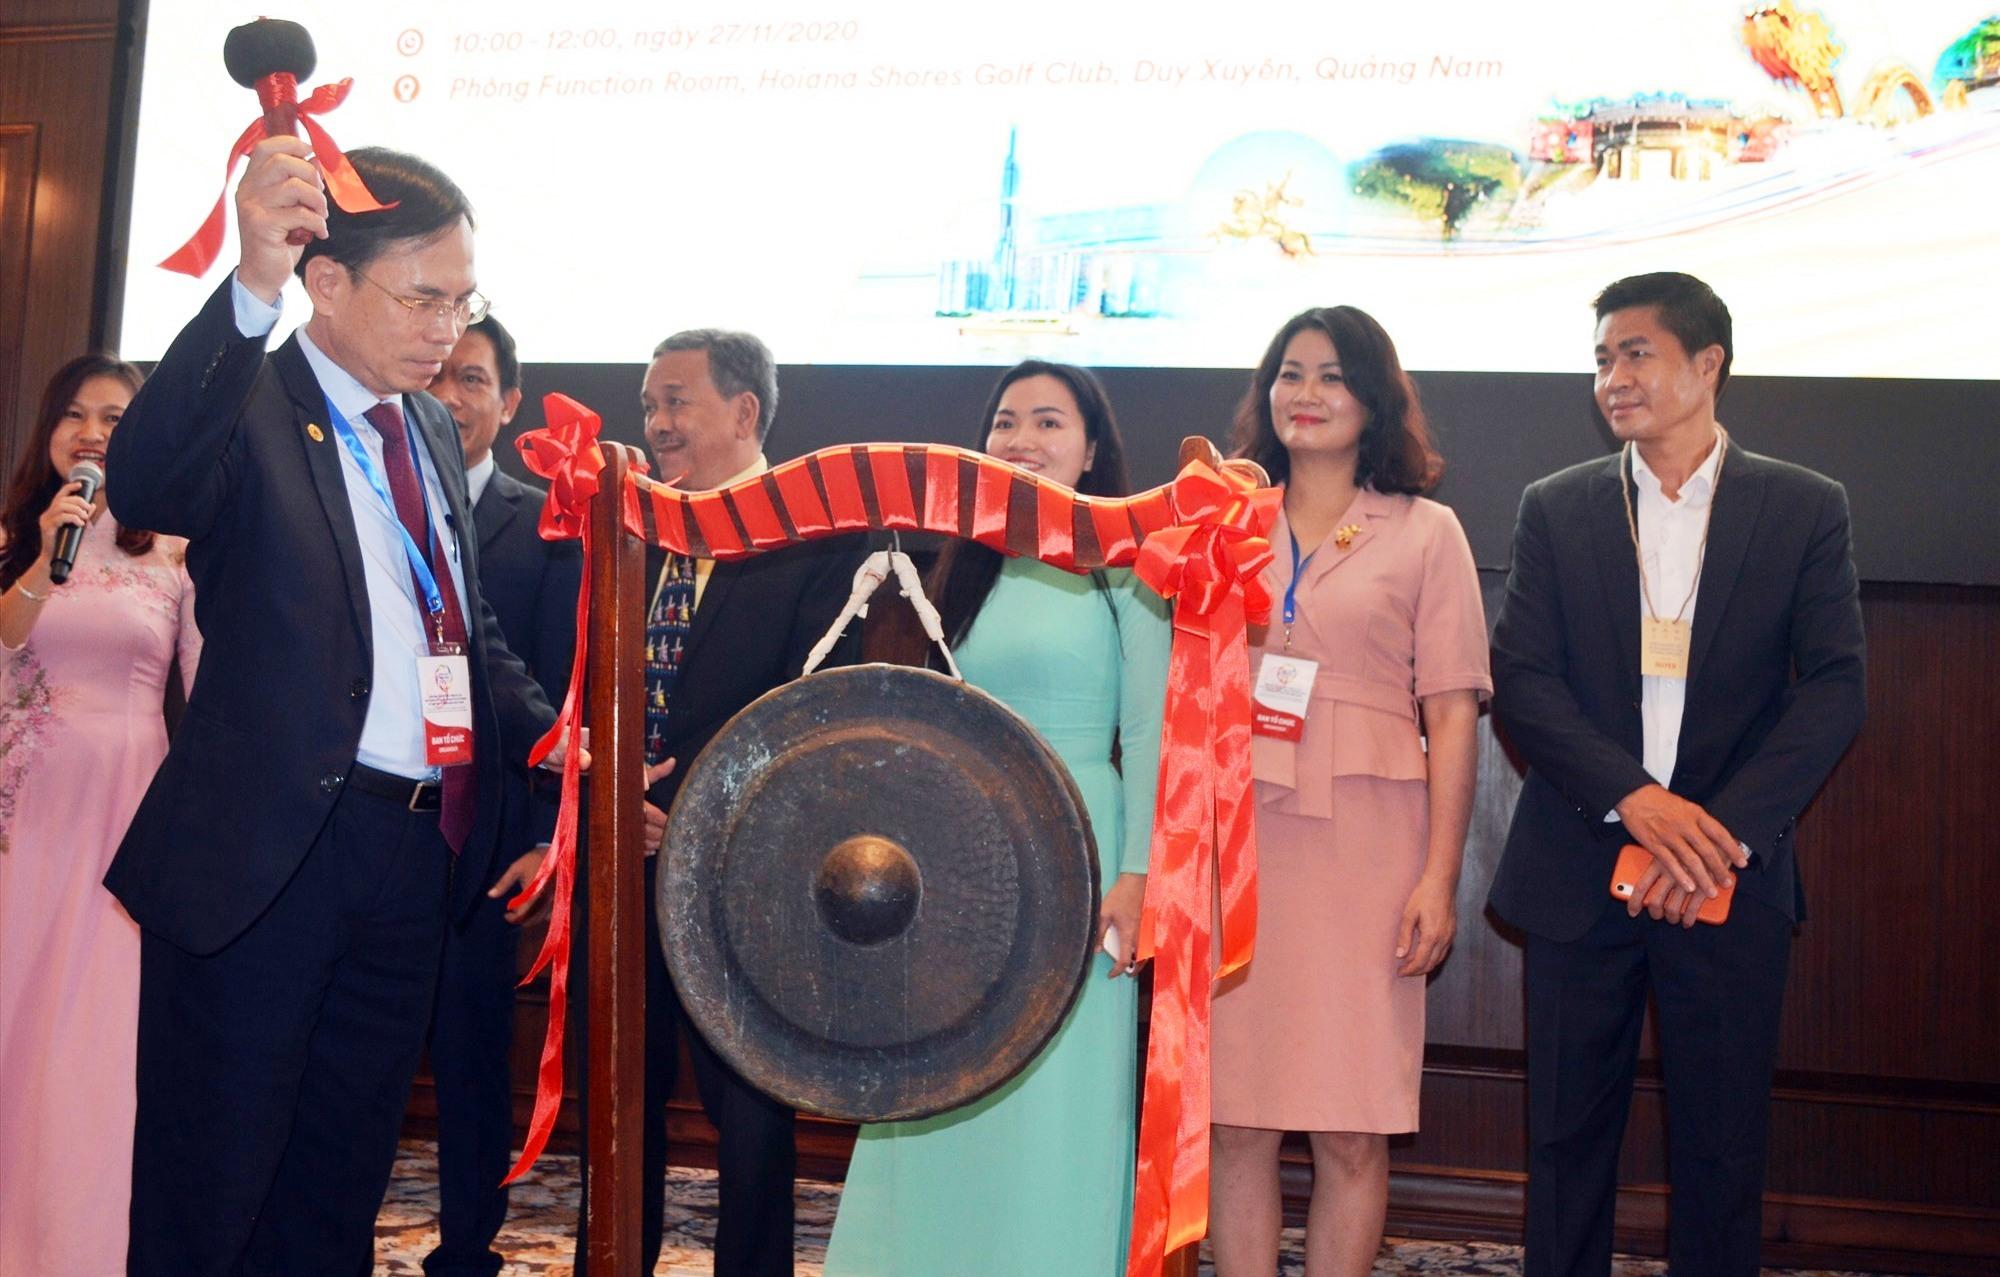 Ông Nguyễn Thanh Hồng - Giám đốc Sở VH-TT&DL đánh chiêng khai trương buổi giao dịch tại Hội chợ